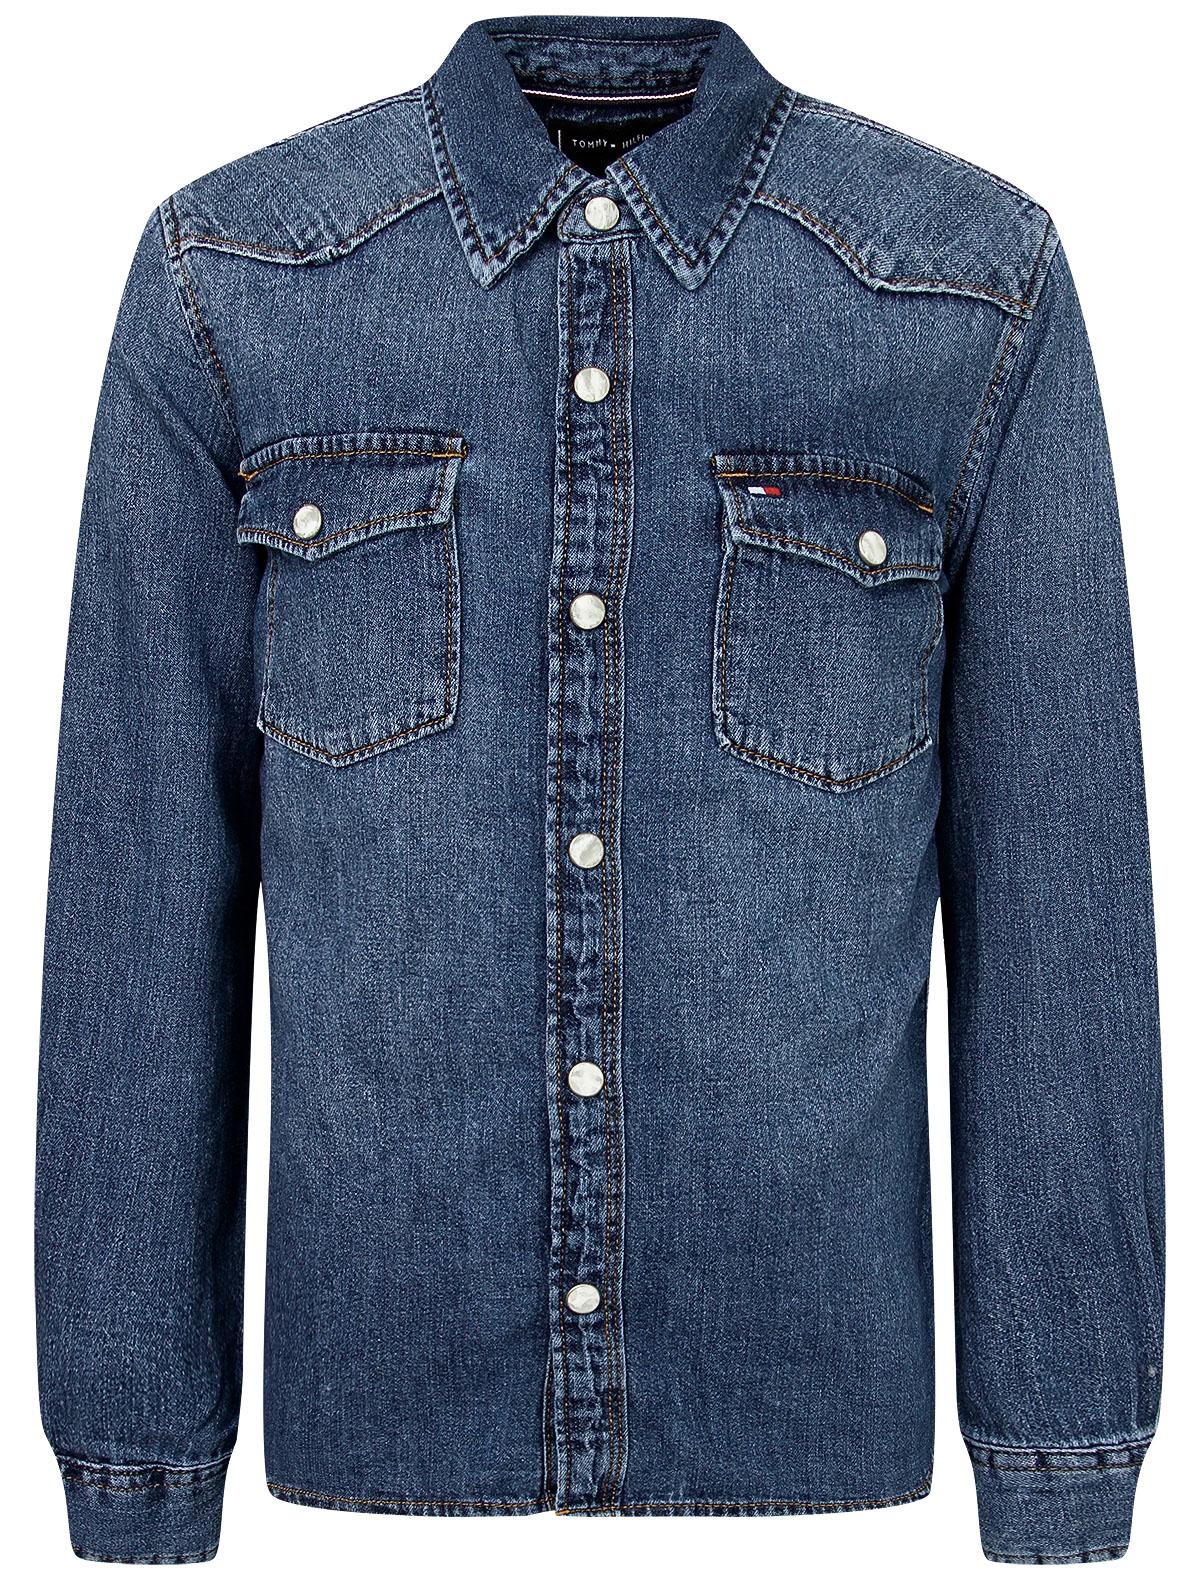 Купить 2173851, Рубашка TOMMY HILFIGER, голубой, Мужской, 1014519070927